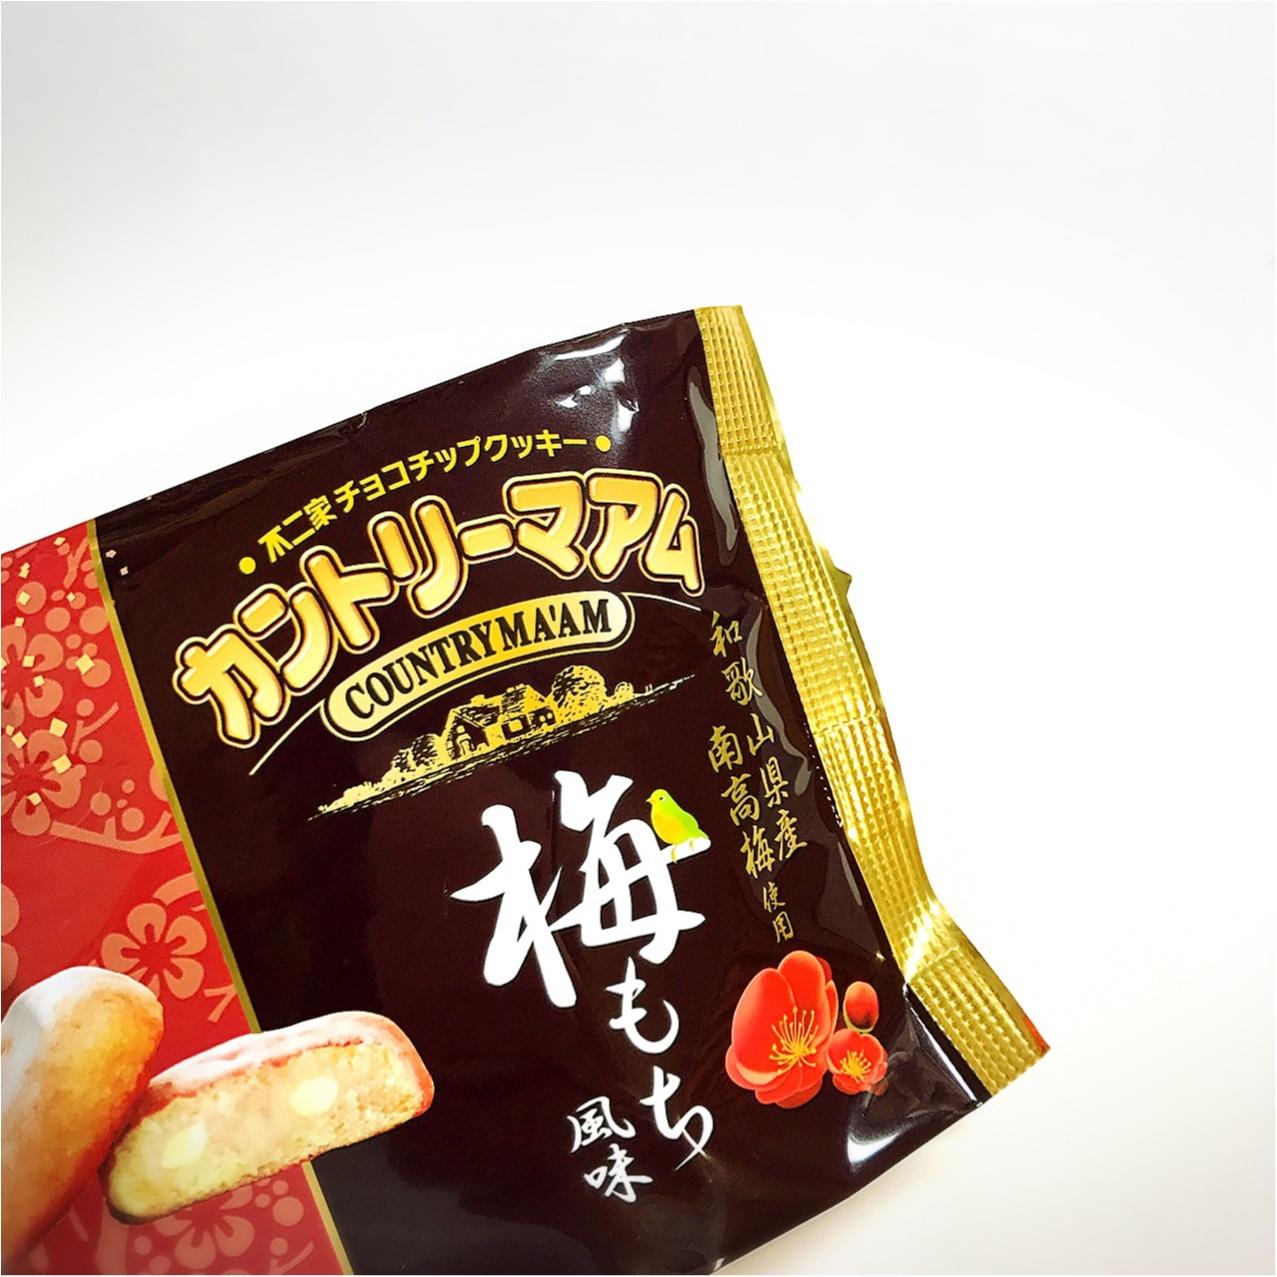 不思議食感♡【カントリーマアム 梅もち】もう食べた??_1